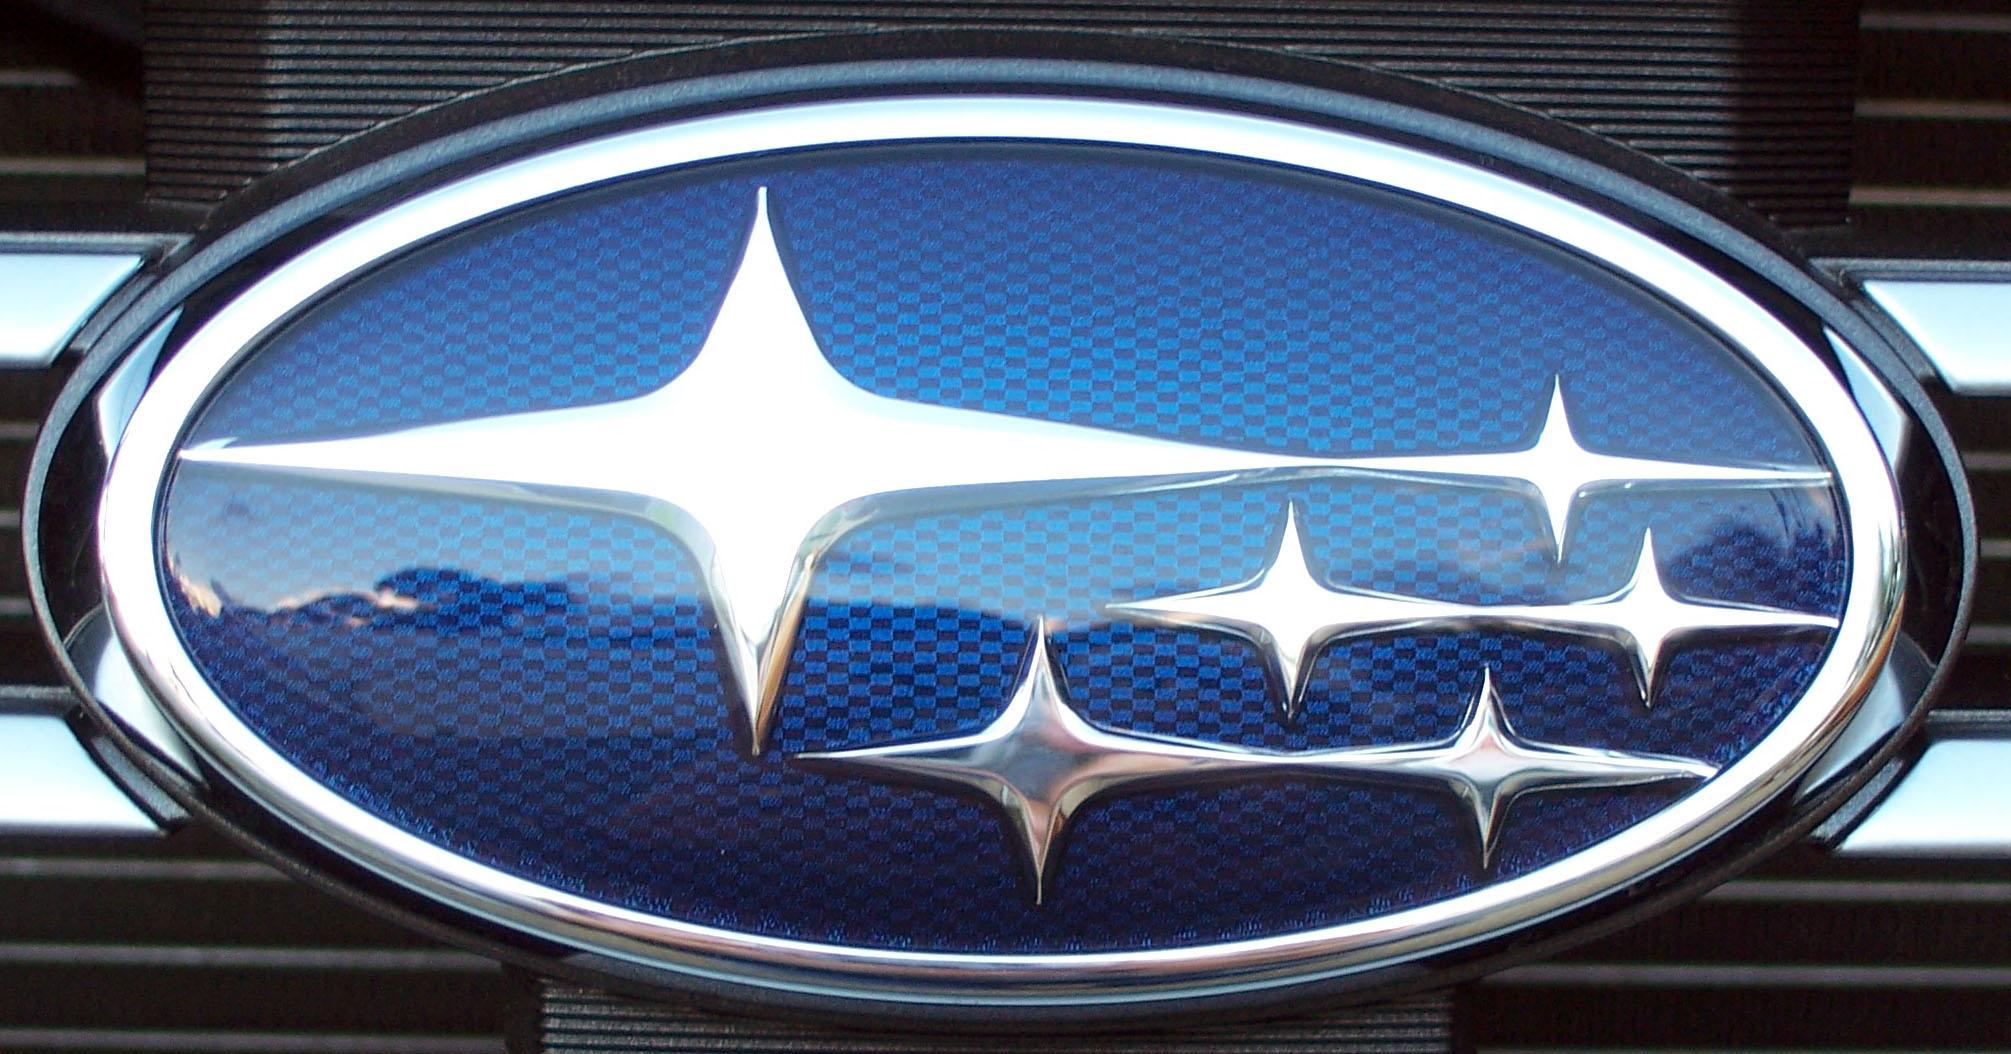 Subaru Logo Subaru Car Symbol Meaning And History Car Brand Names Com